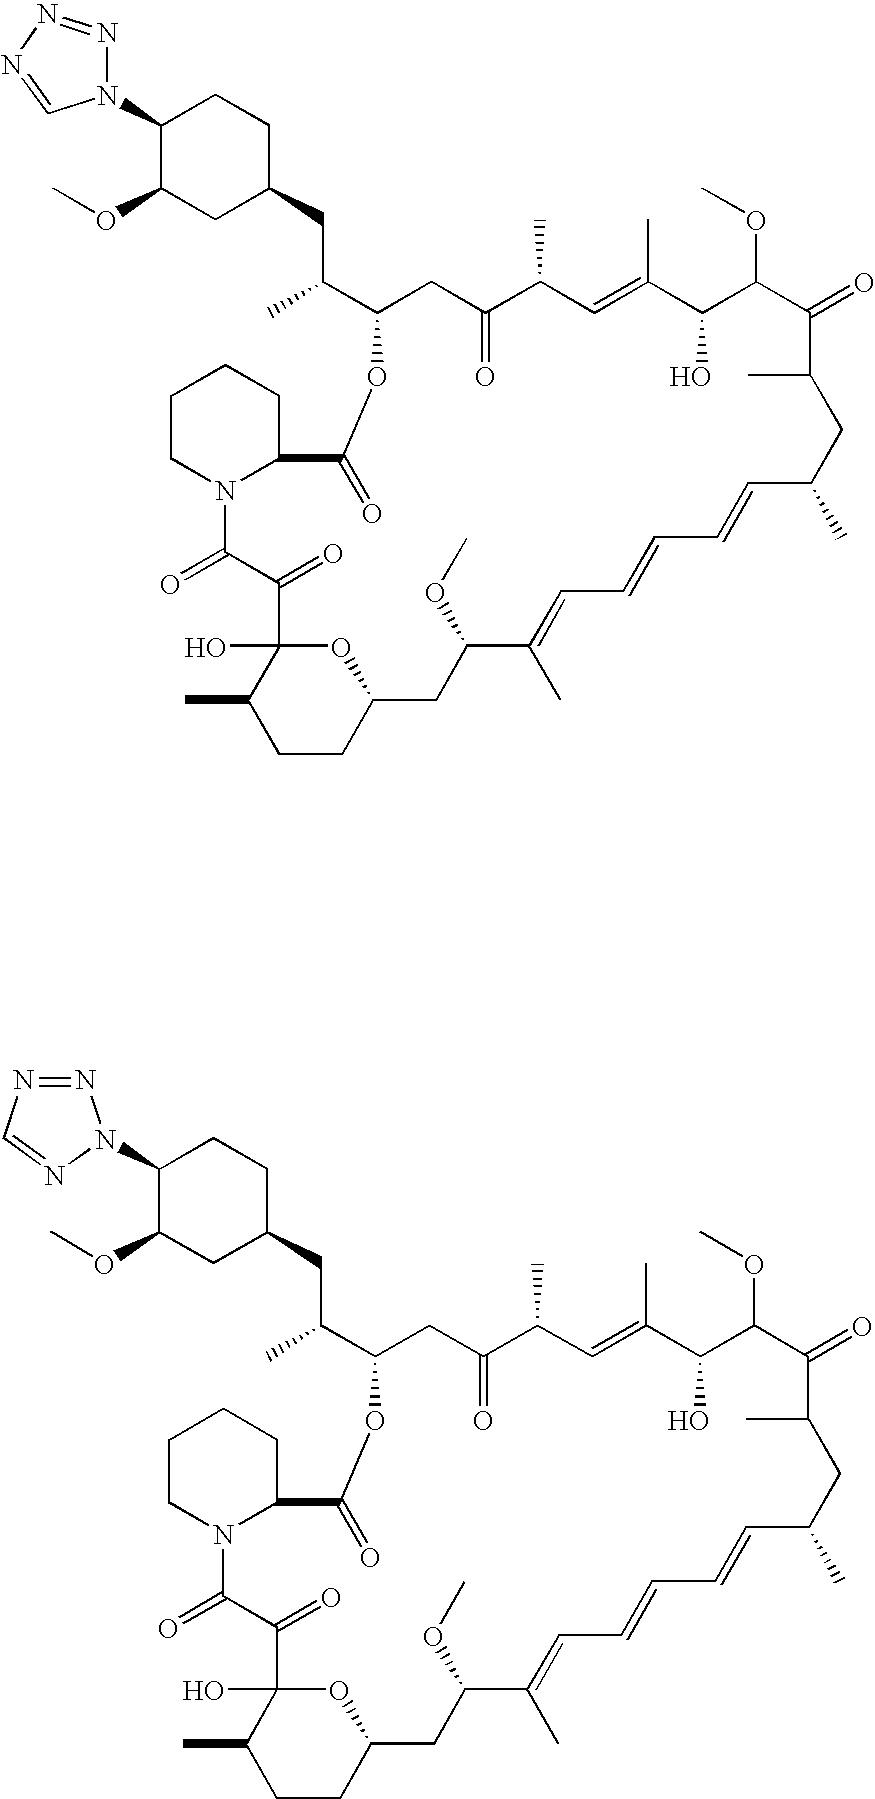 Figure US20090216317A1-20090827-C00009